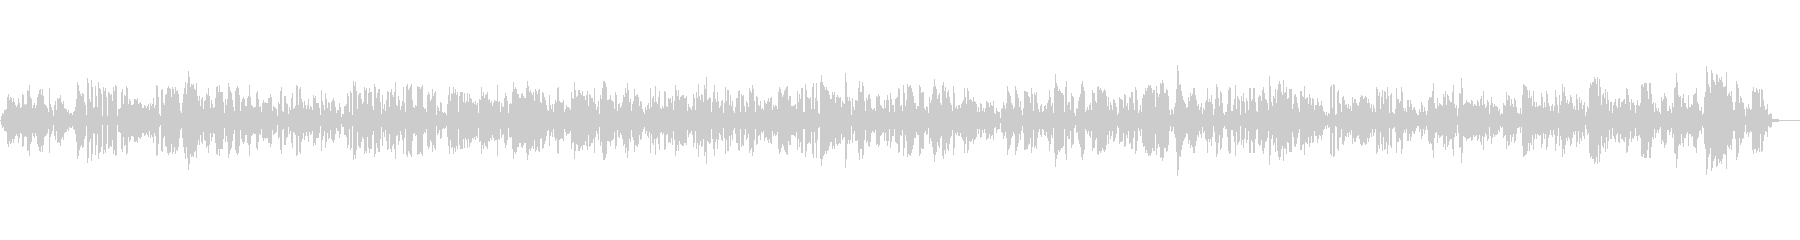 穏やかで陽気なジャズBGM|映像・配信の未再生の波形